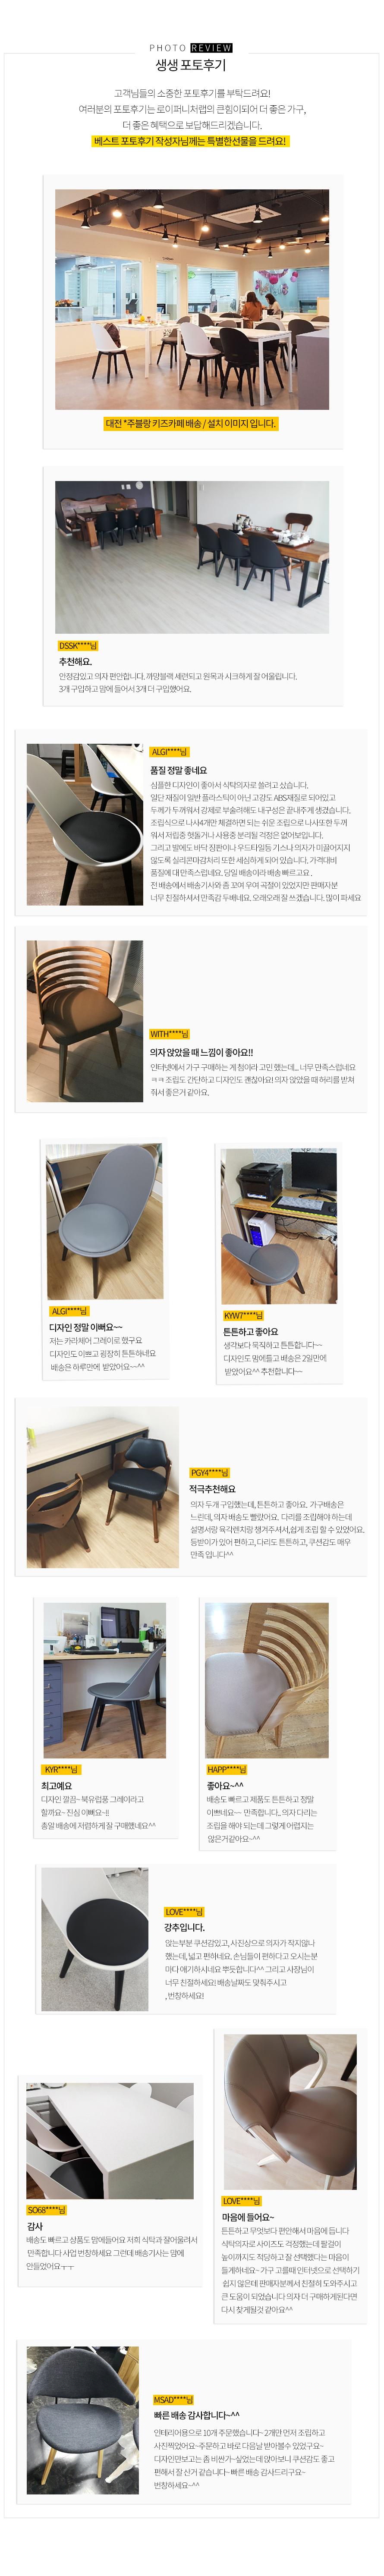 [로이퍼니처랩] 오브제 시크릿골드 바 체어 - 로이퍼니처랩, 197,000원, 디자인 의자, 인테리어의자